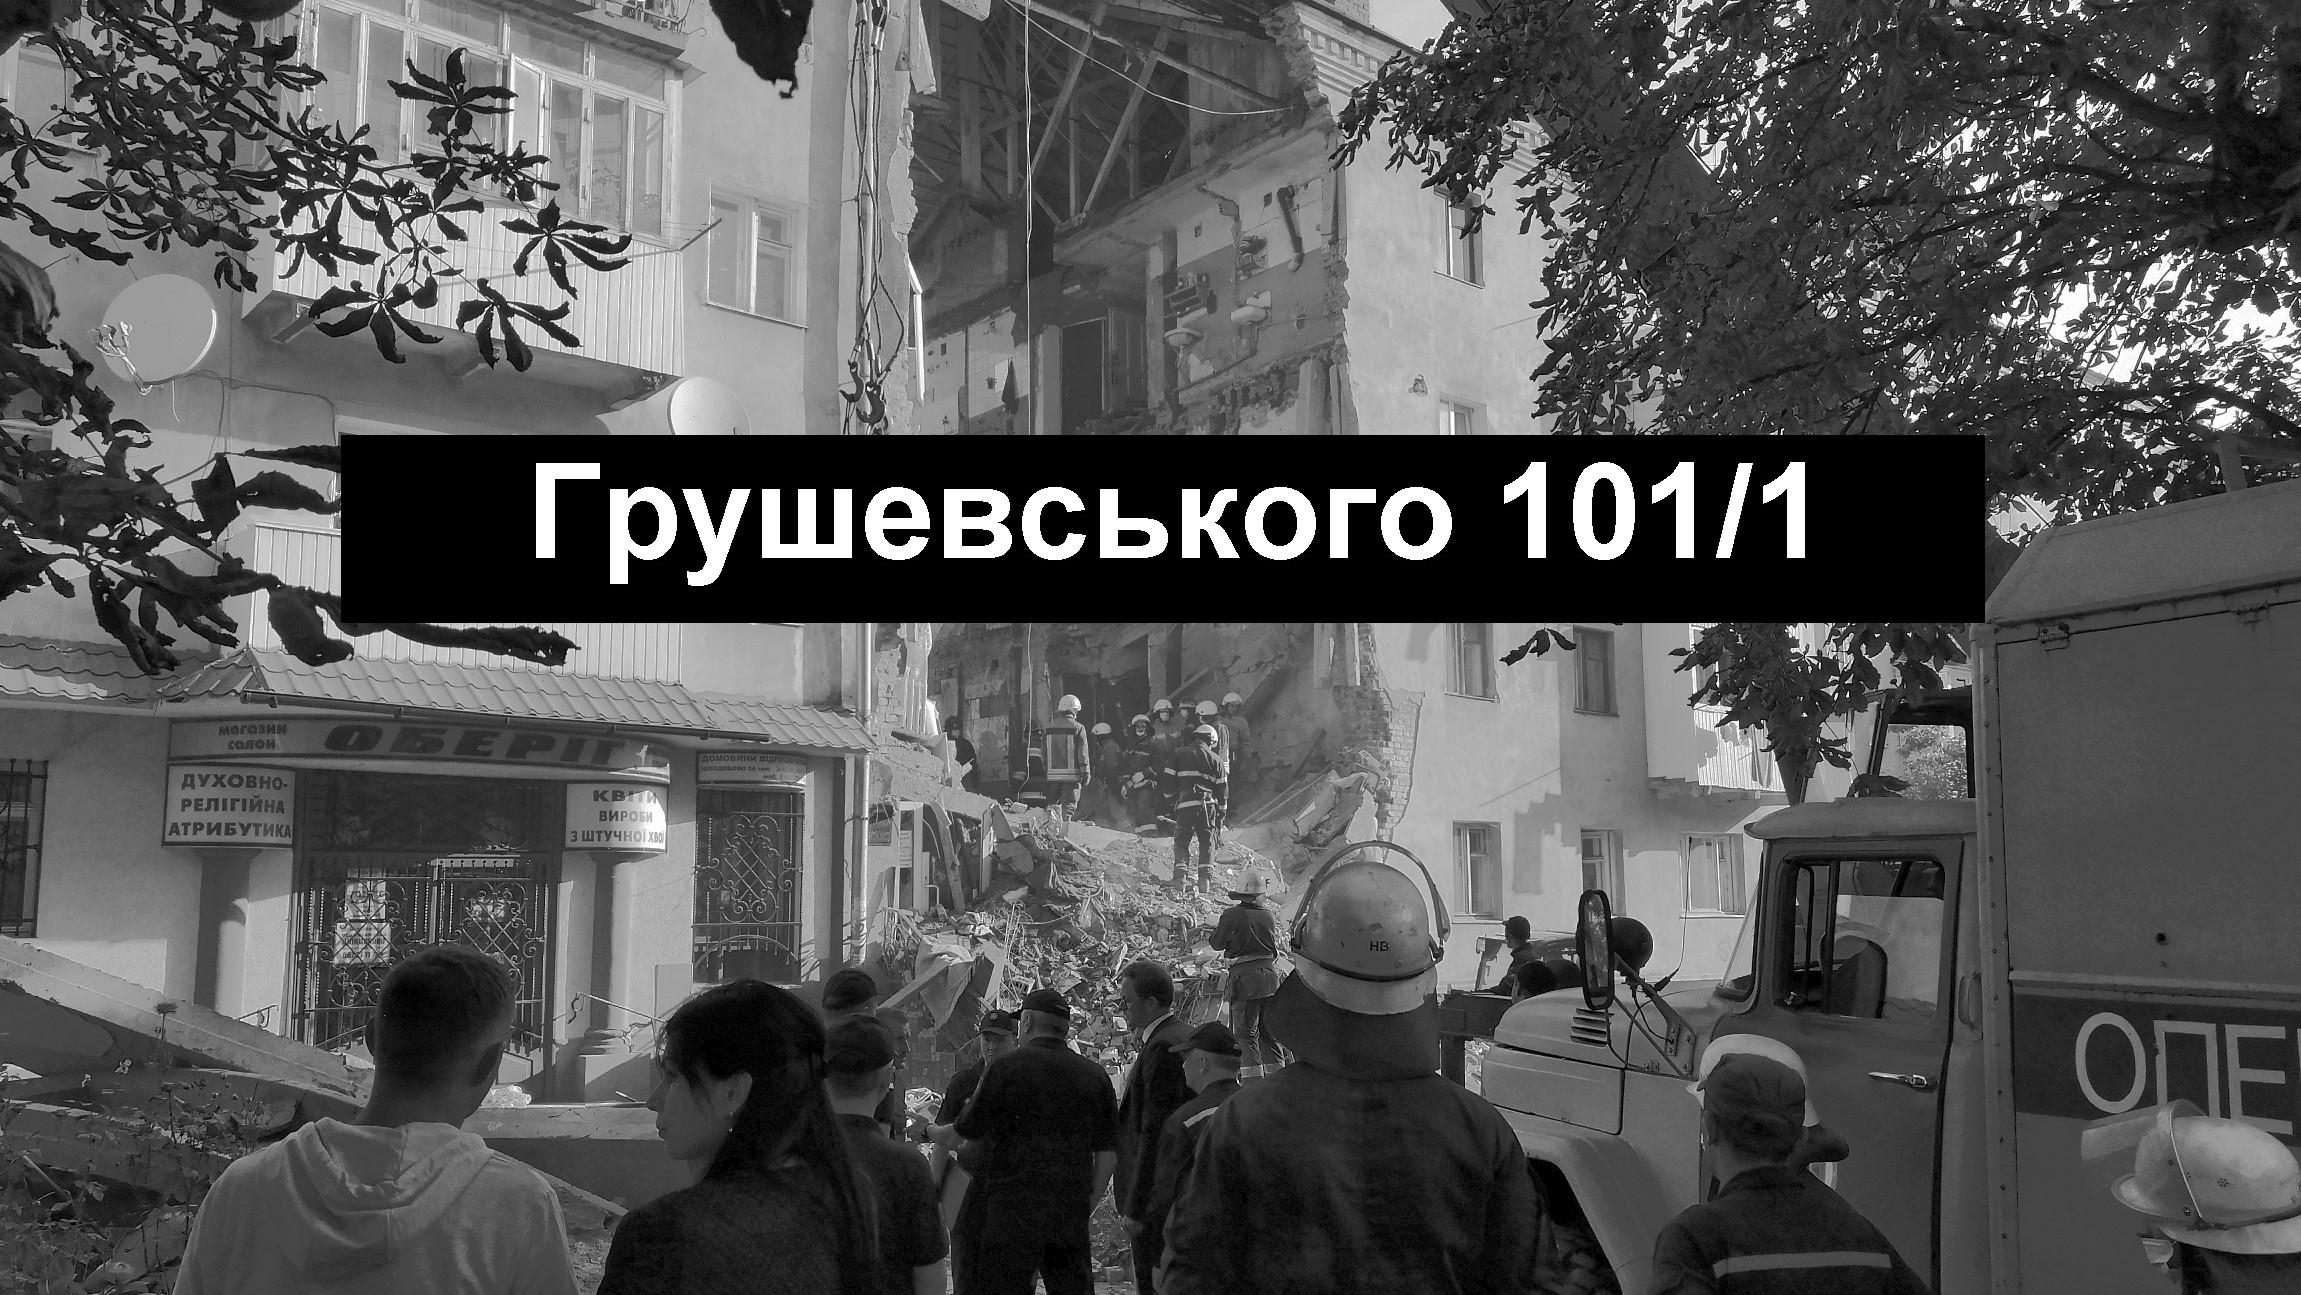 Грушевського, 101/1 – рік після трагедії. ЗМІ